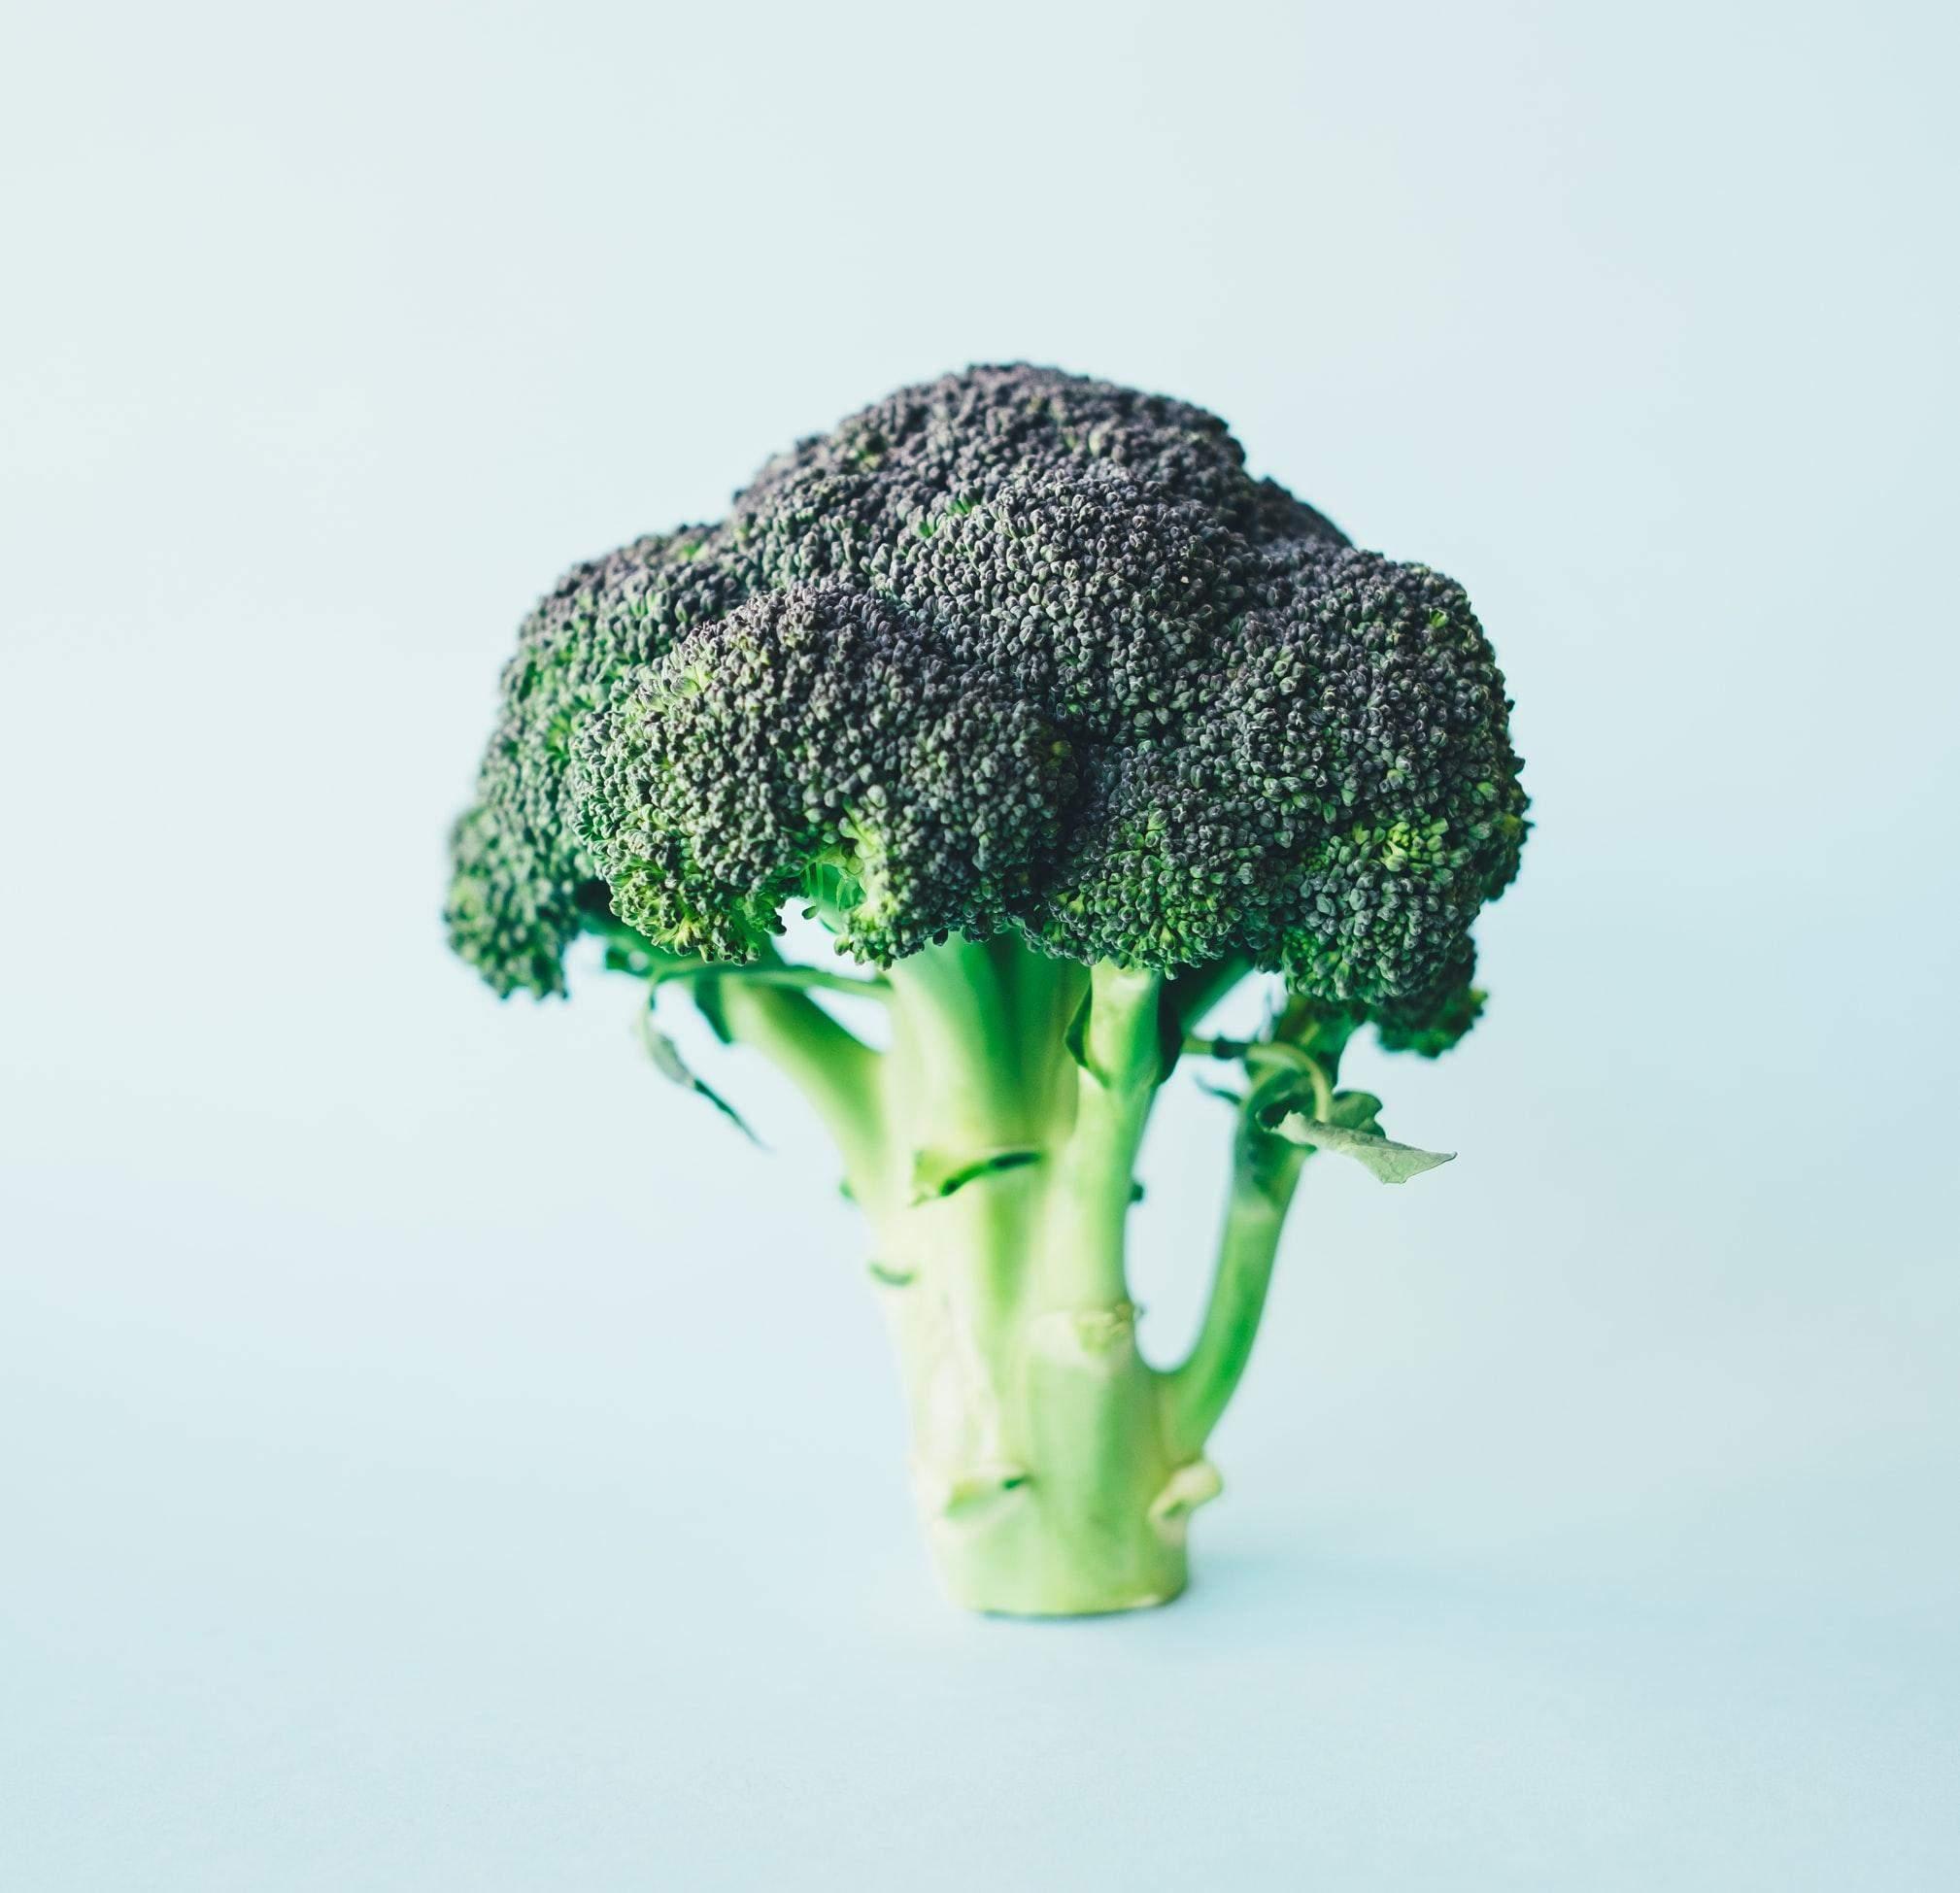 Броколі - джерело вітаміну К